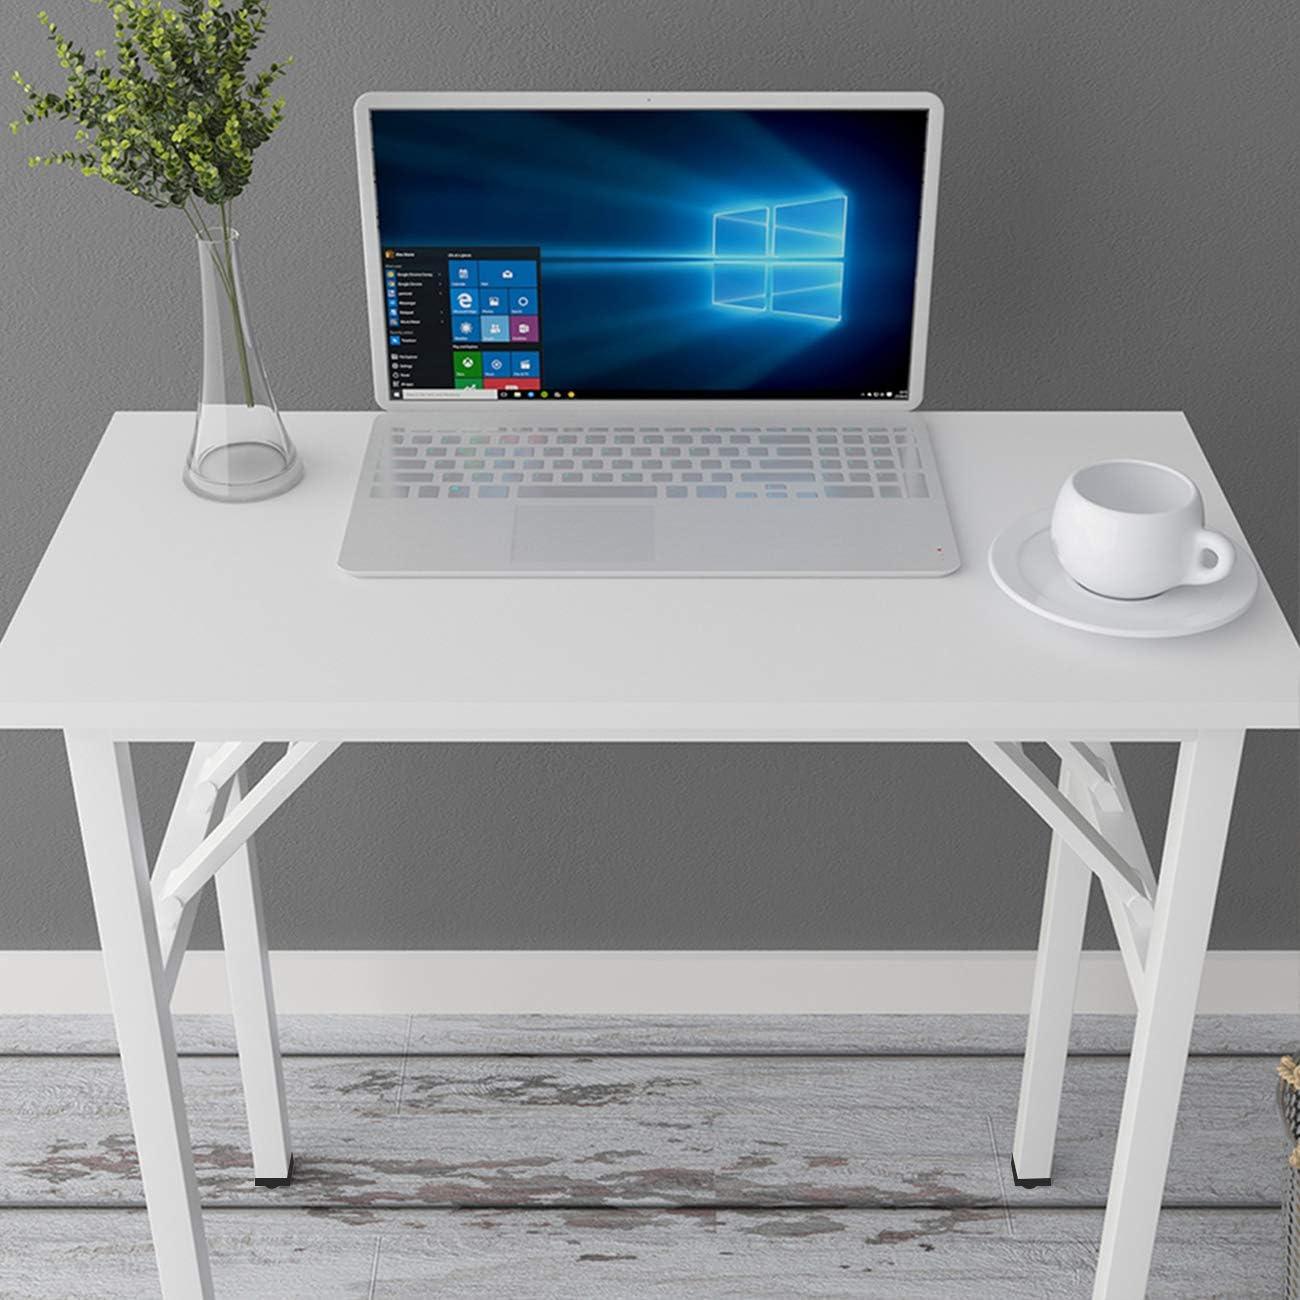 scrivania per computer e postazione di lavoro Tavolino pieghevole piccolo 80 x 40 cm non necessita di installazione DlandHome tavola in legno composito gambe bianche e bianche